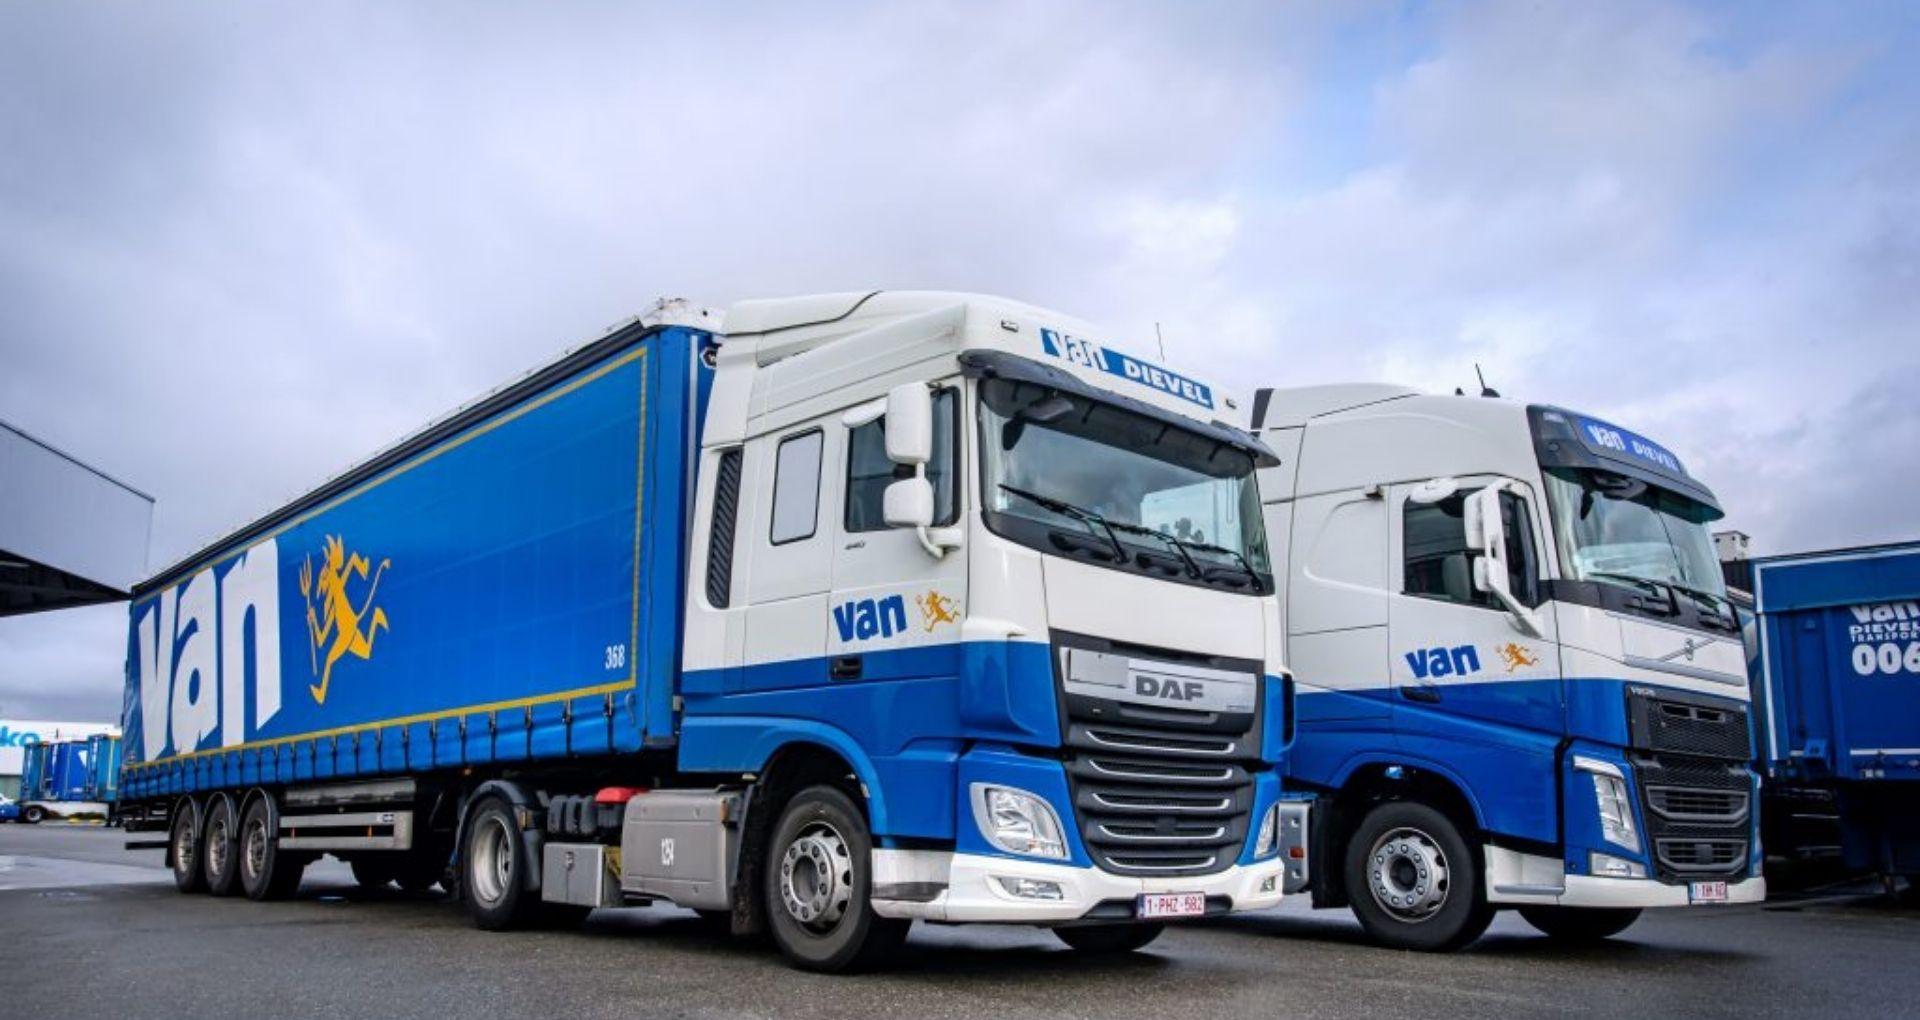 Full Truck Load Transport